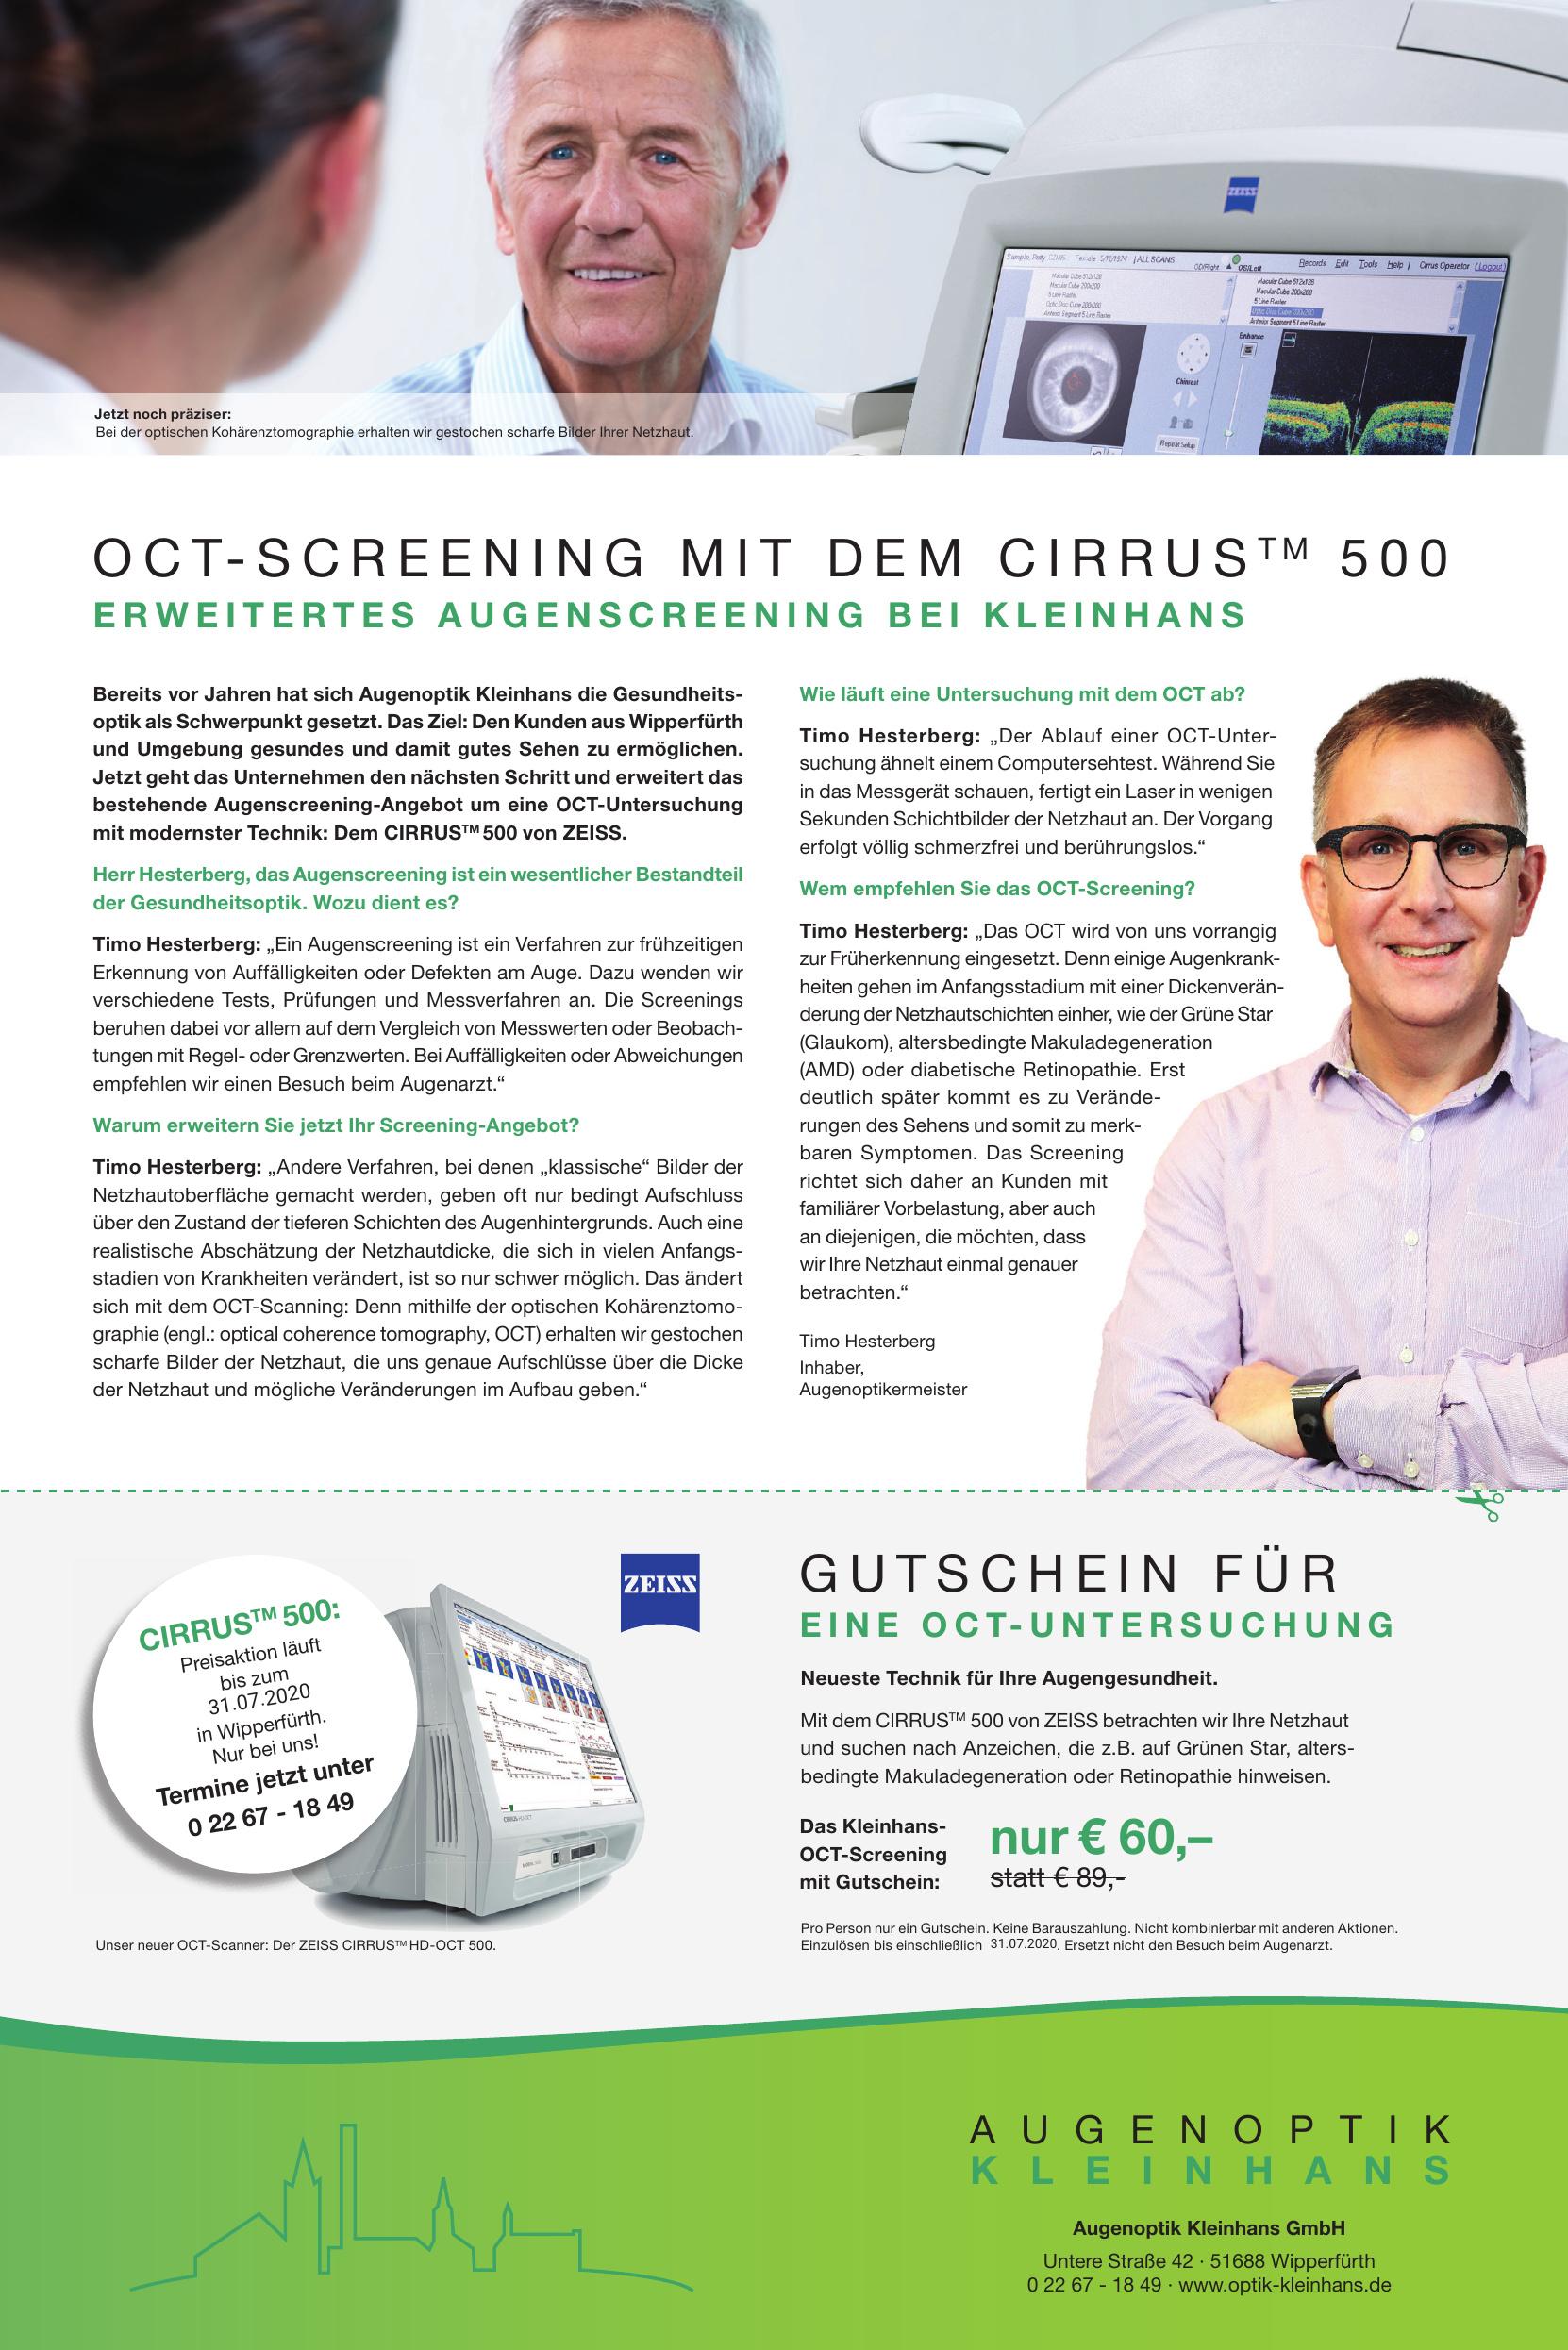 Augenoptik Kleinhans GmbH